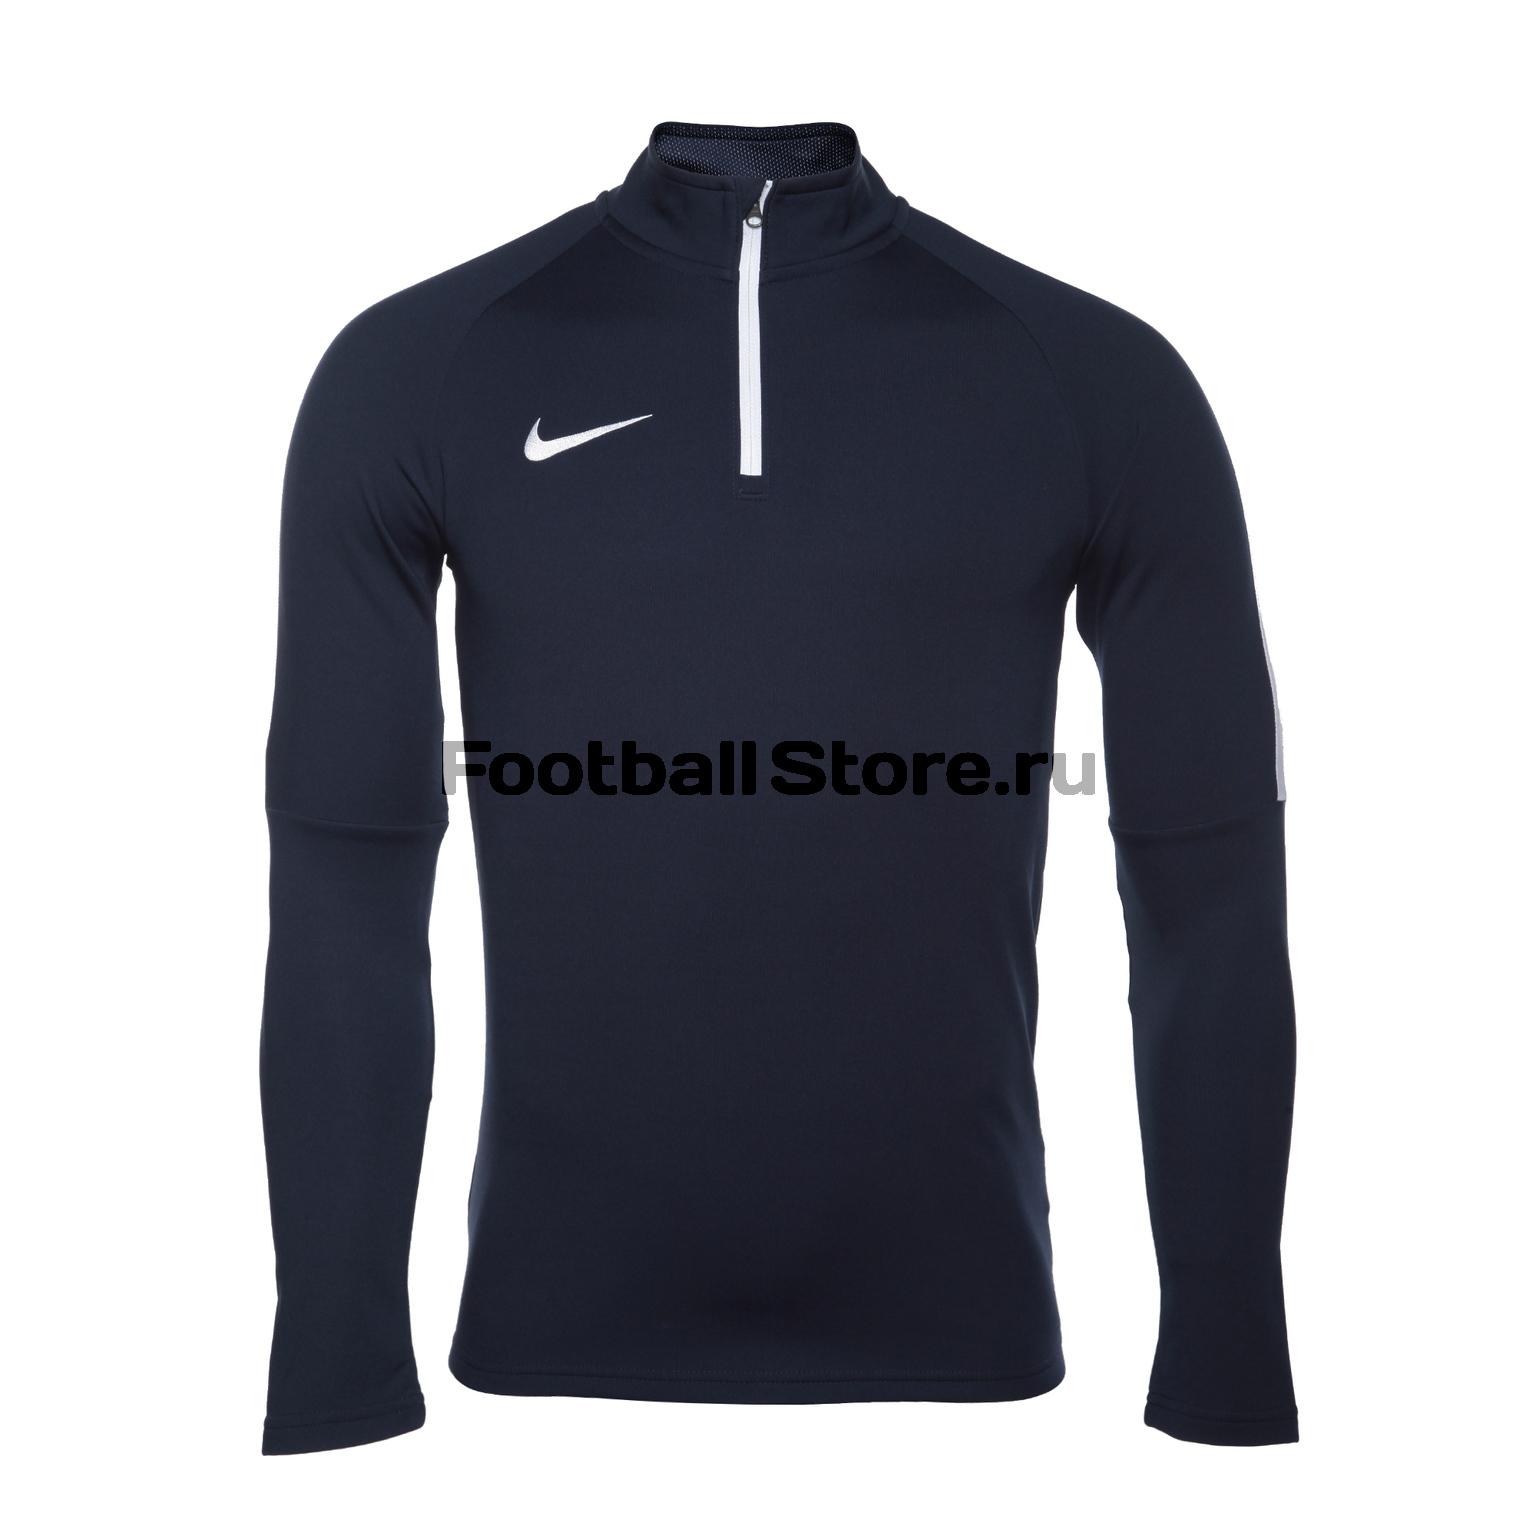 Свитер тренировочный Nike Academy 839344-451 свитер тренировочный nike academy 839344 451